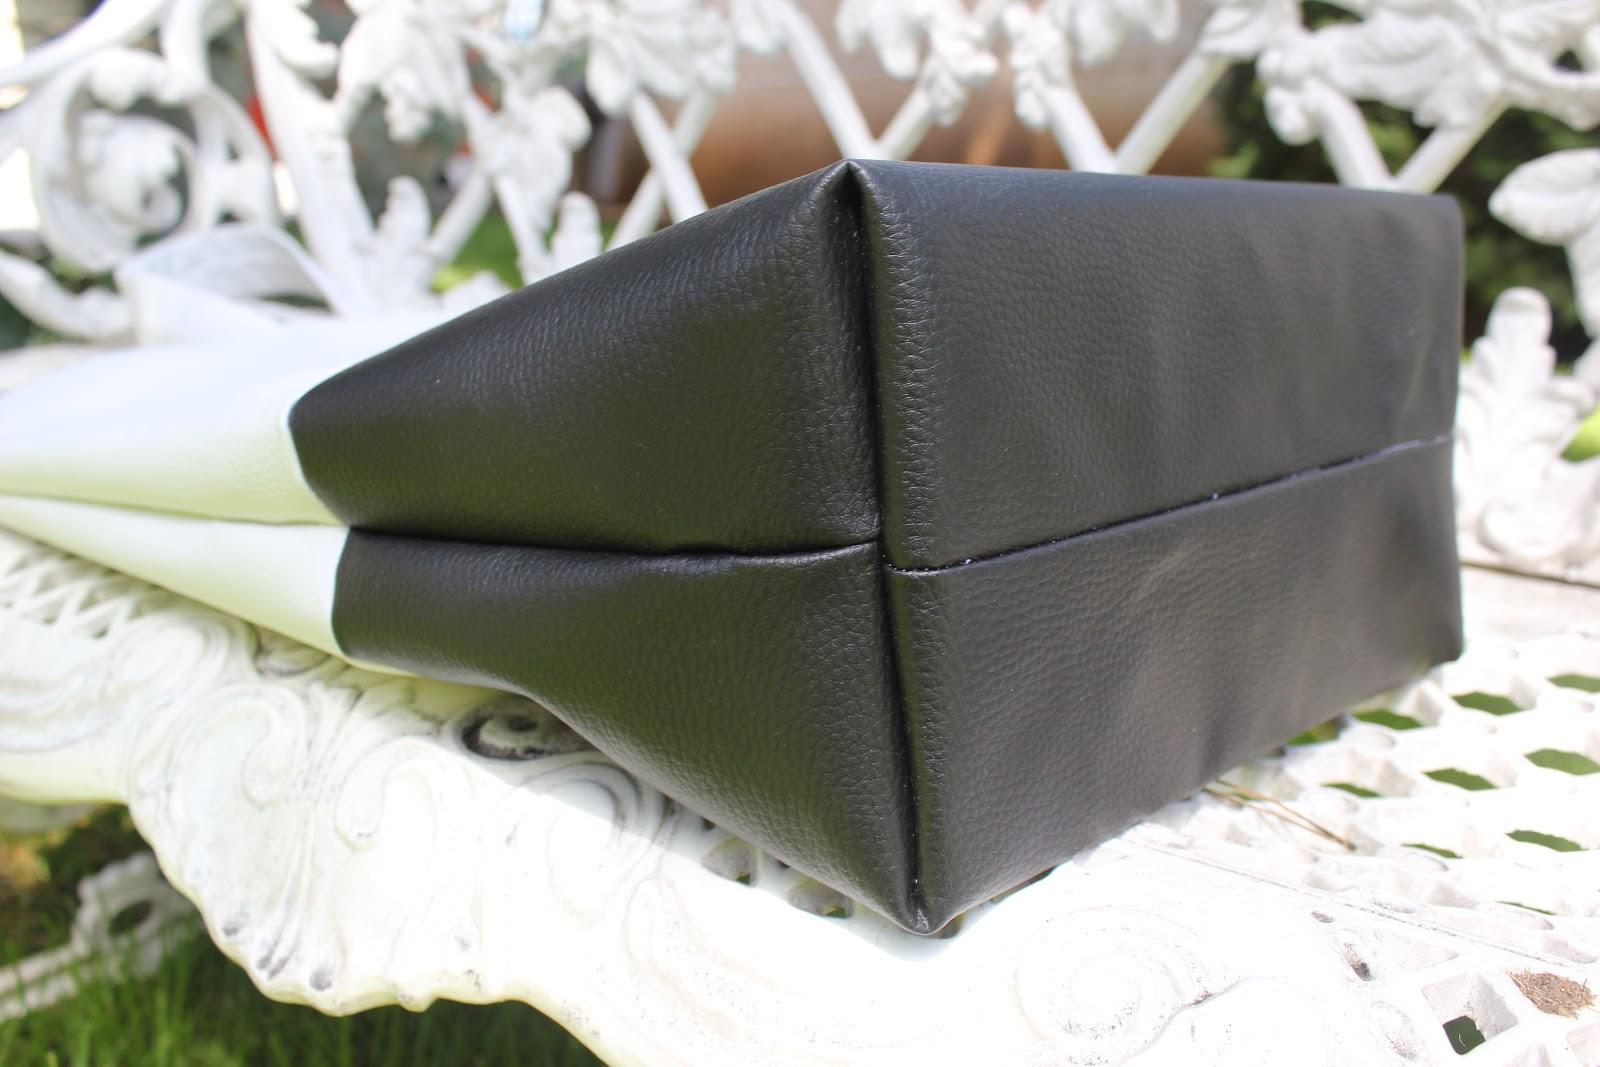 Diy c mo hacer este maxi bolso de cuero blanco y negro - Bolsos para hacer ...